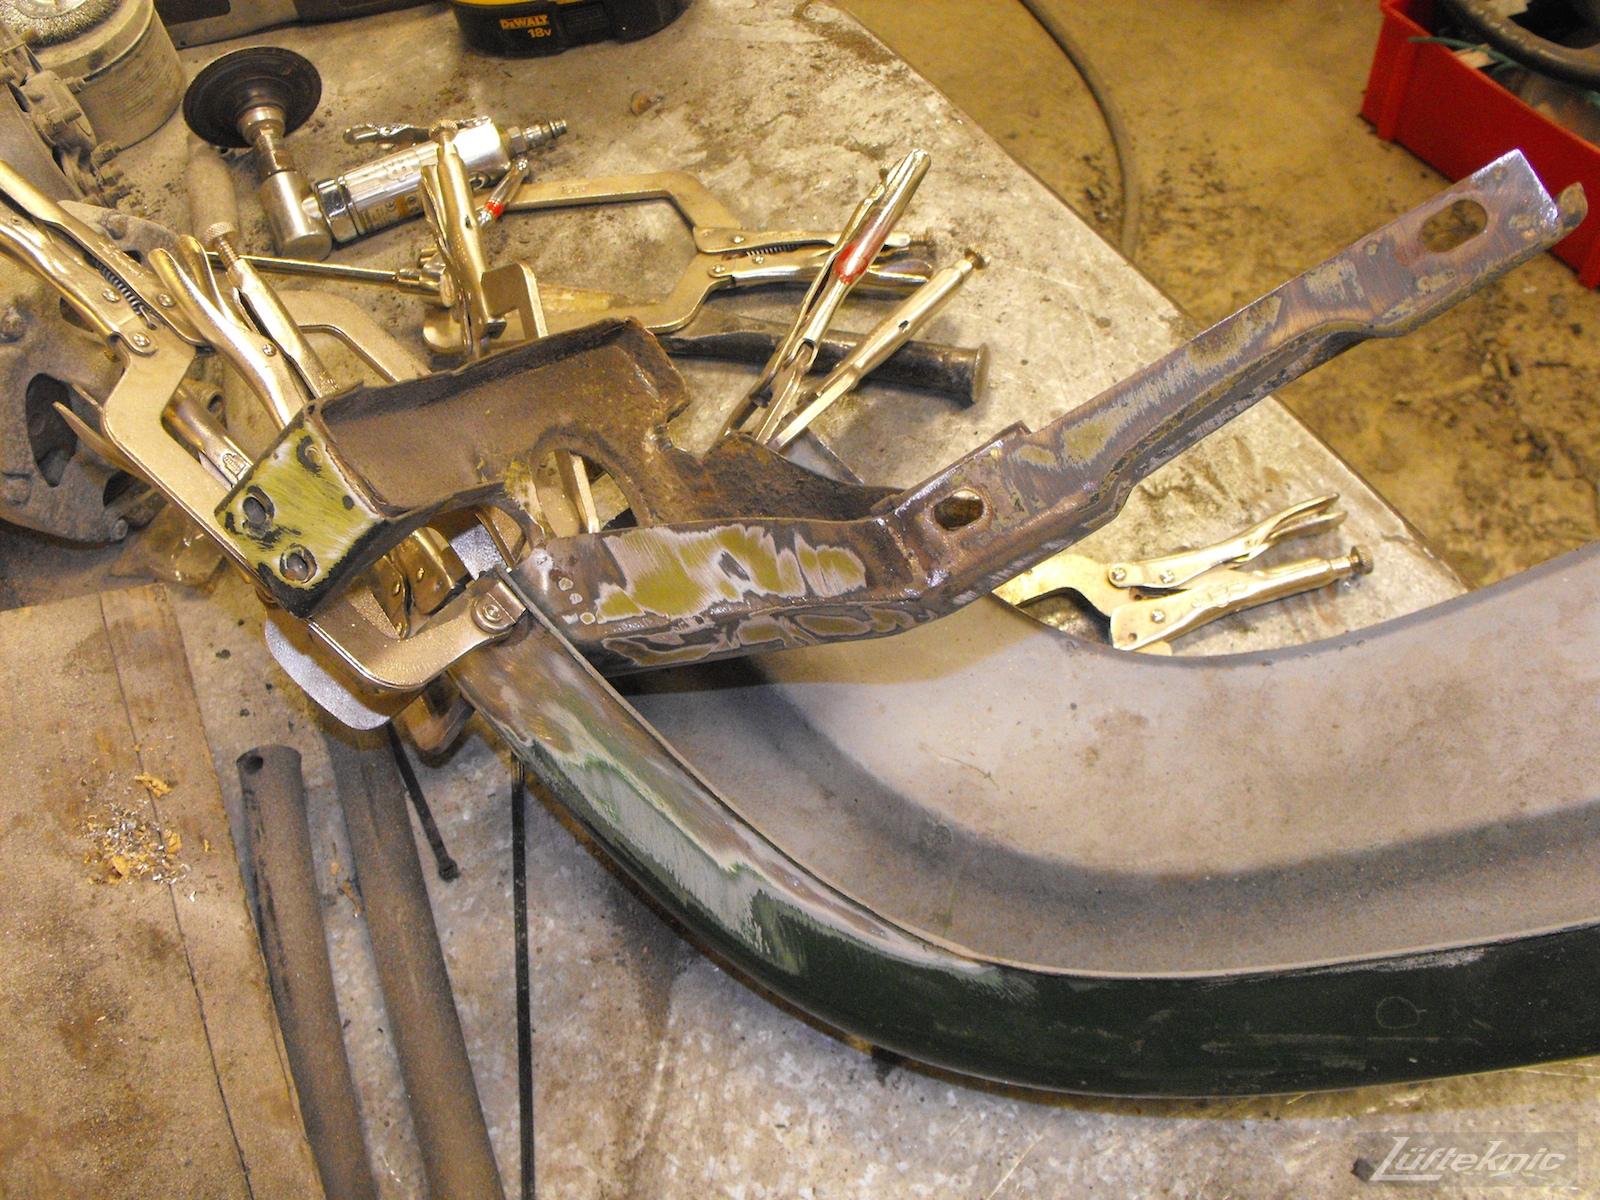 Front bumper repair on an Irish Green Porsche 912 undergoing restoration at Lufteknic.